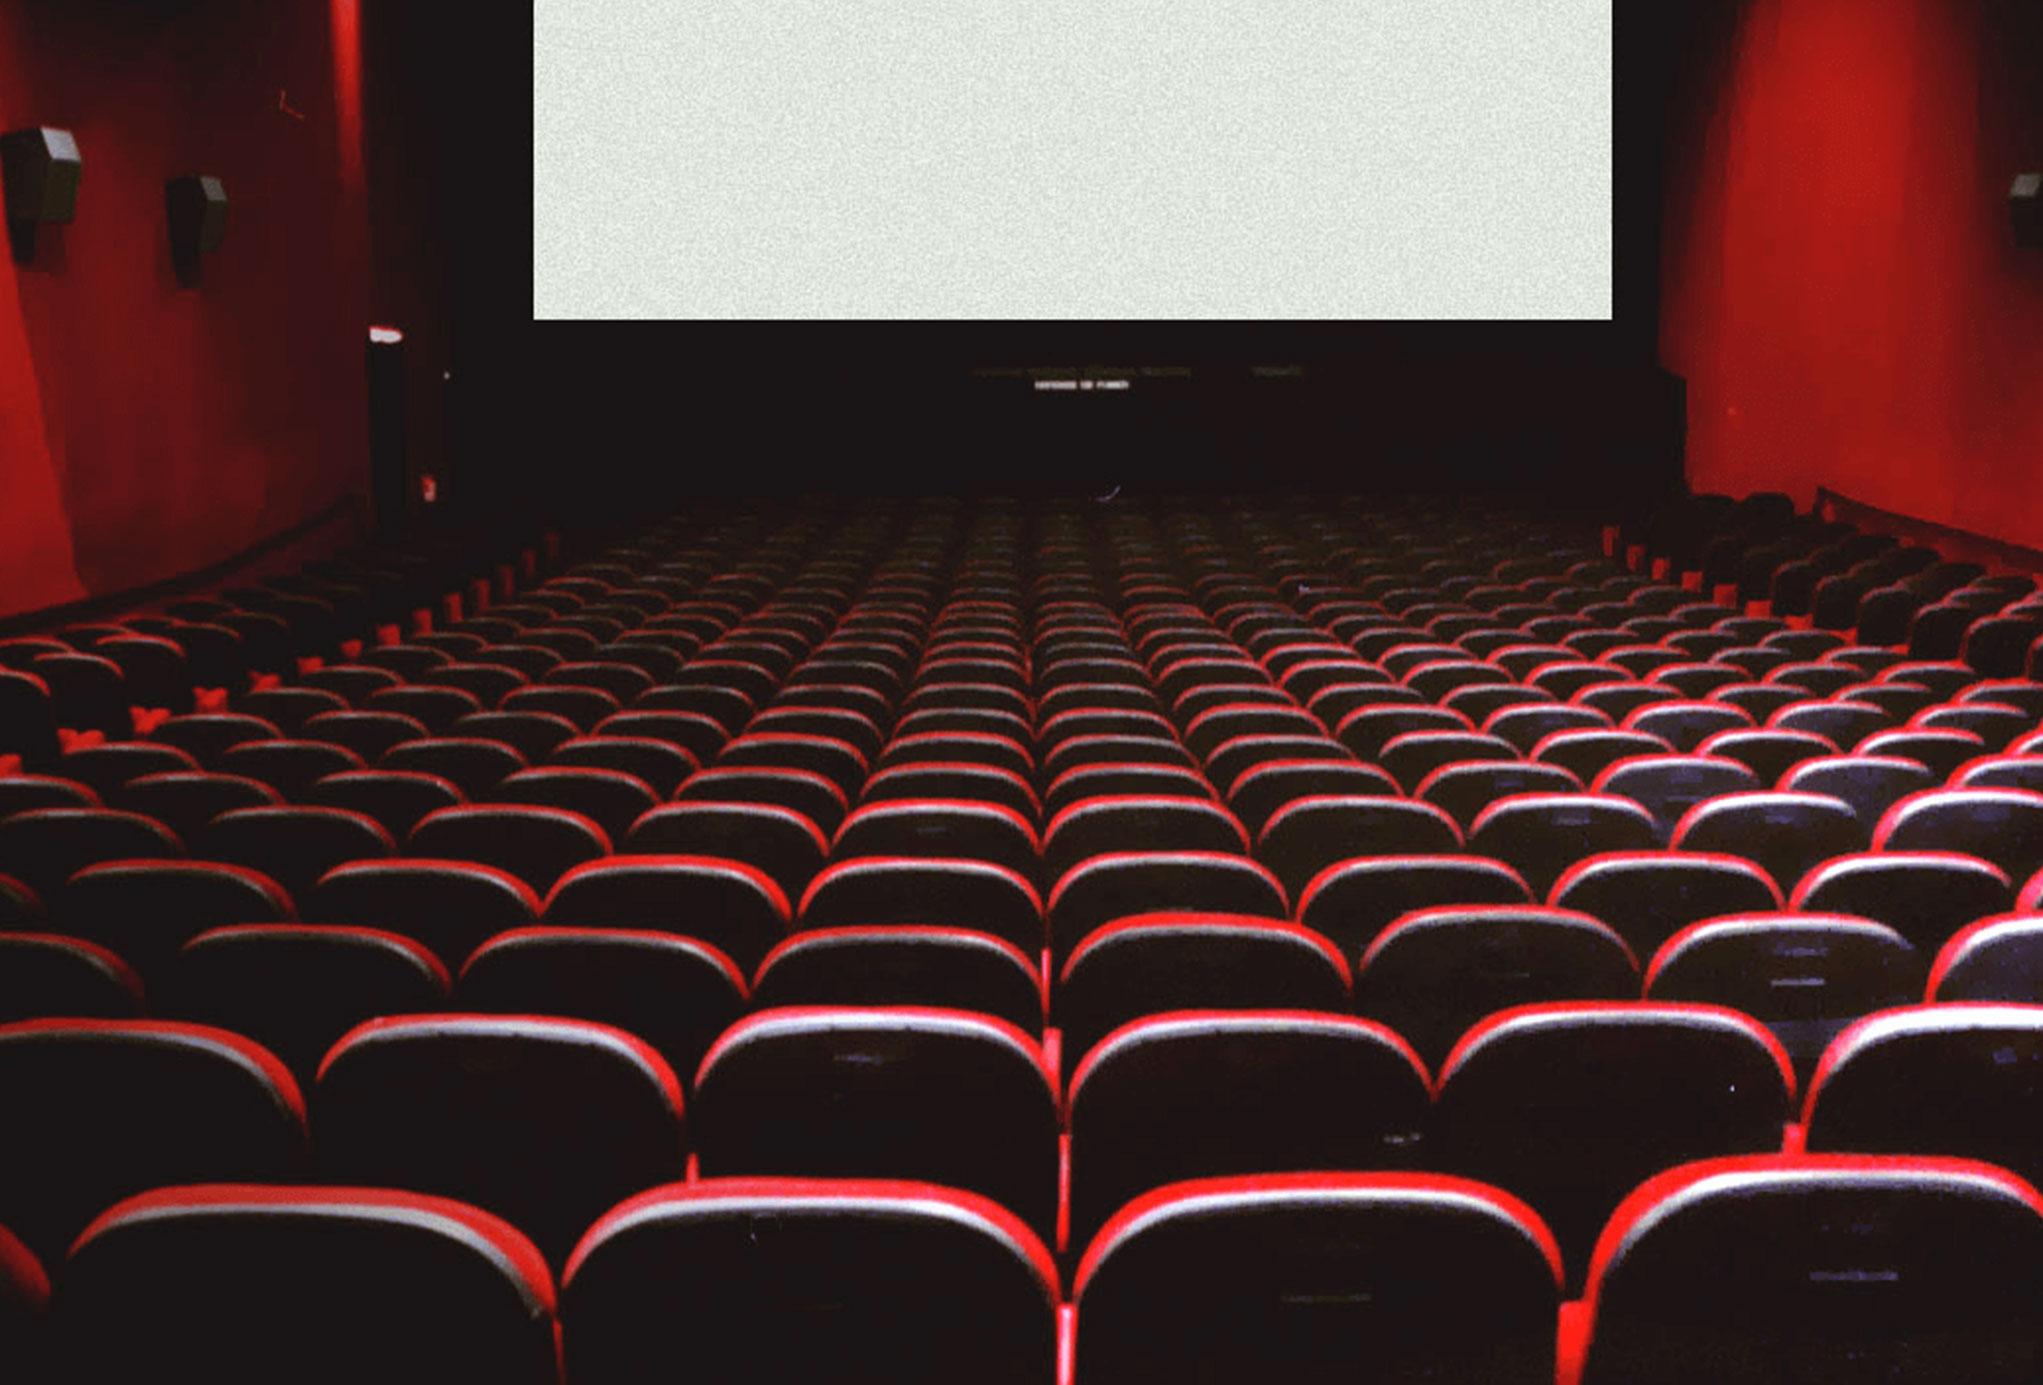 صدور مجوز نمایش ۵ فیلم